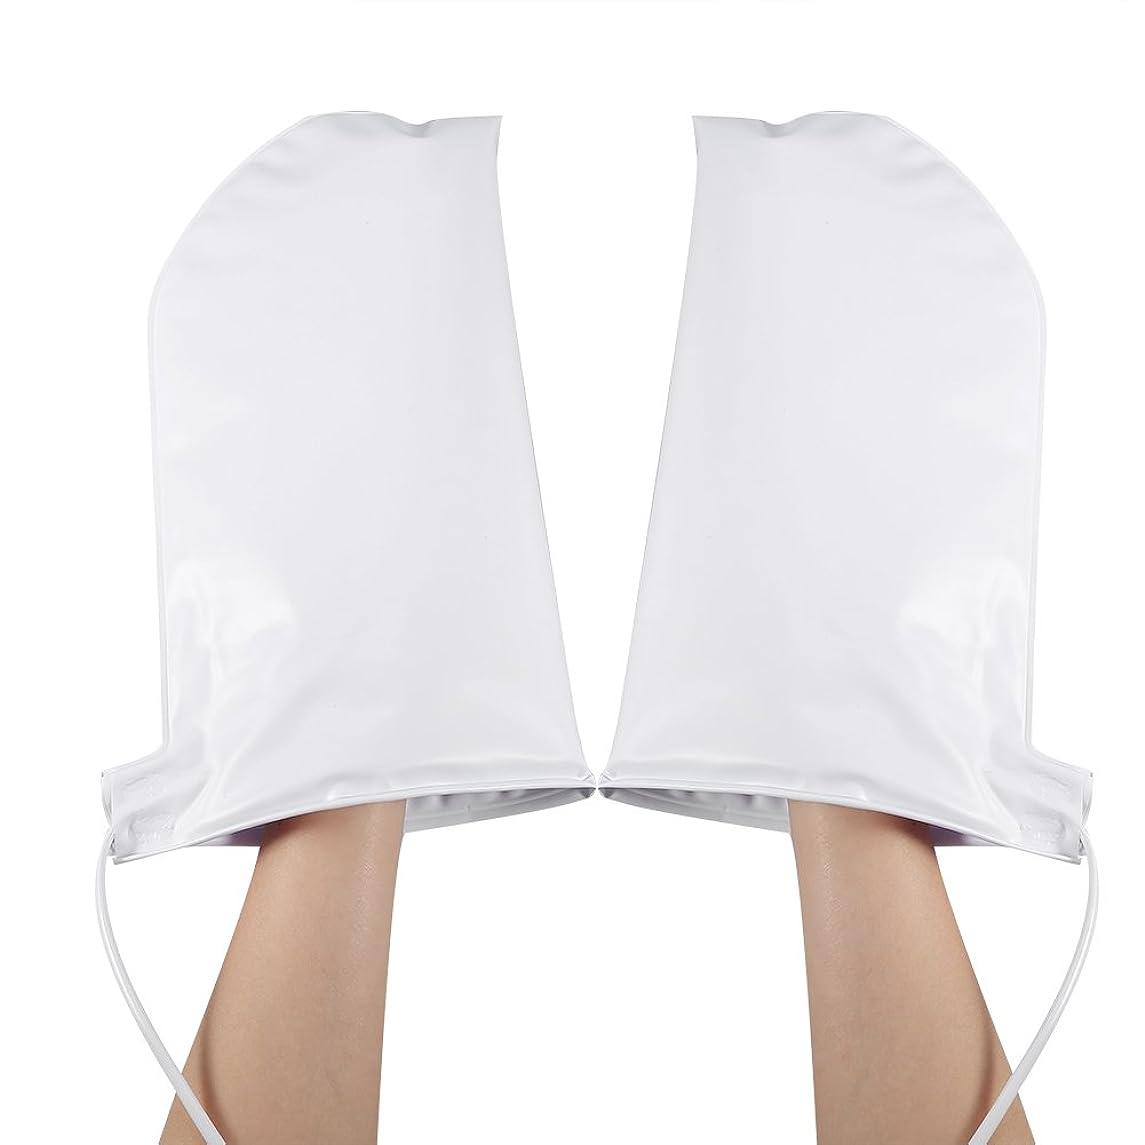 ヒューム銀努力する手袋 ヒートグローブ 加熱式 電熱 手ケア ハンドケア 2つ加熱モード 乾燥対策 手荒れ対策 補水 保湿 美白 しっとり